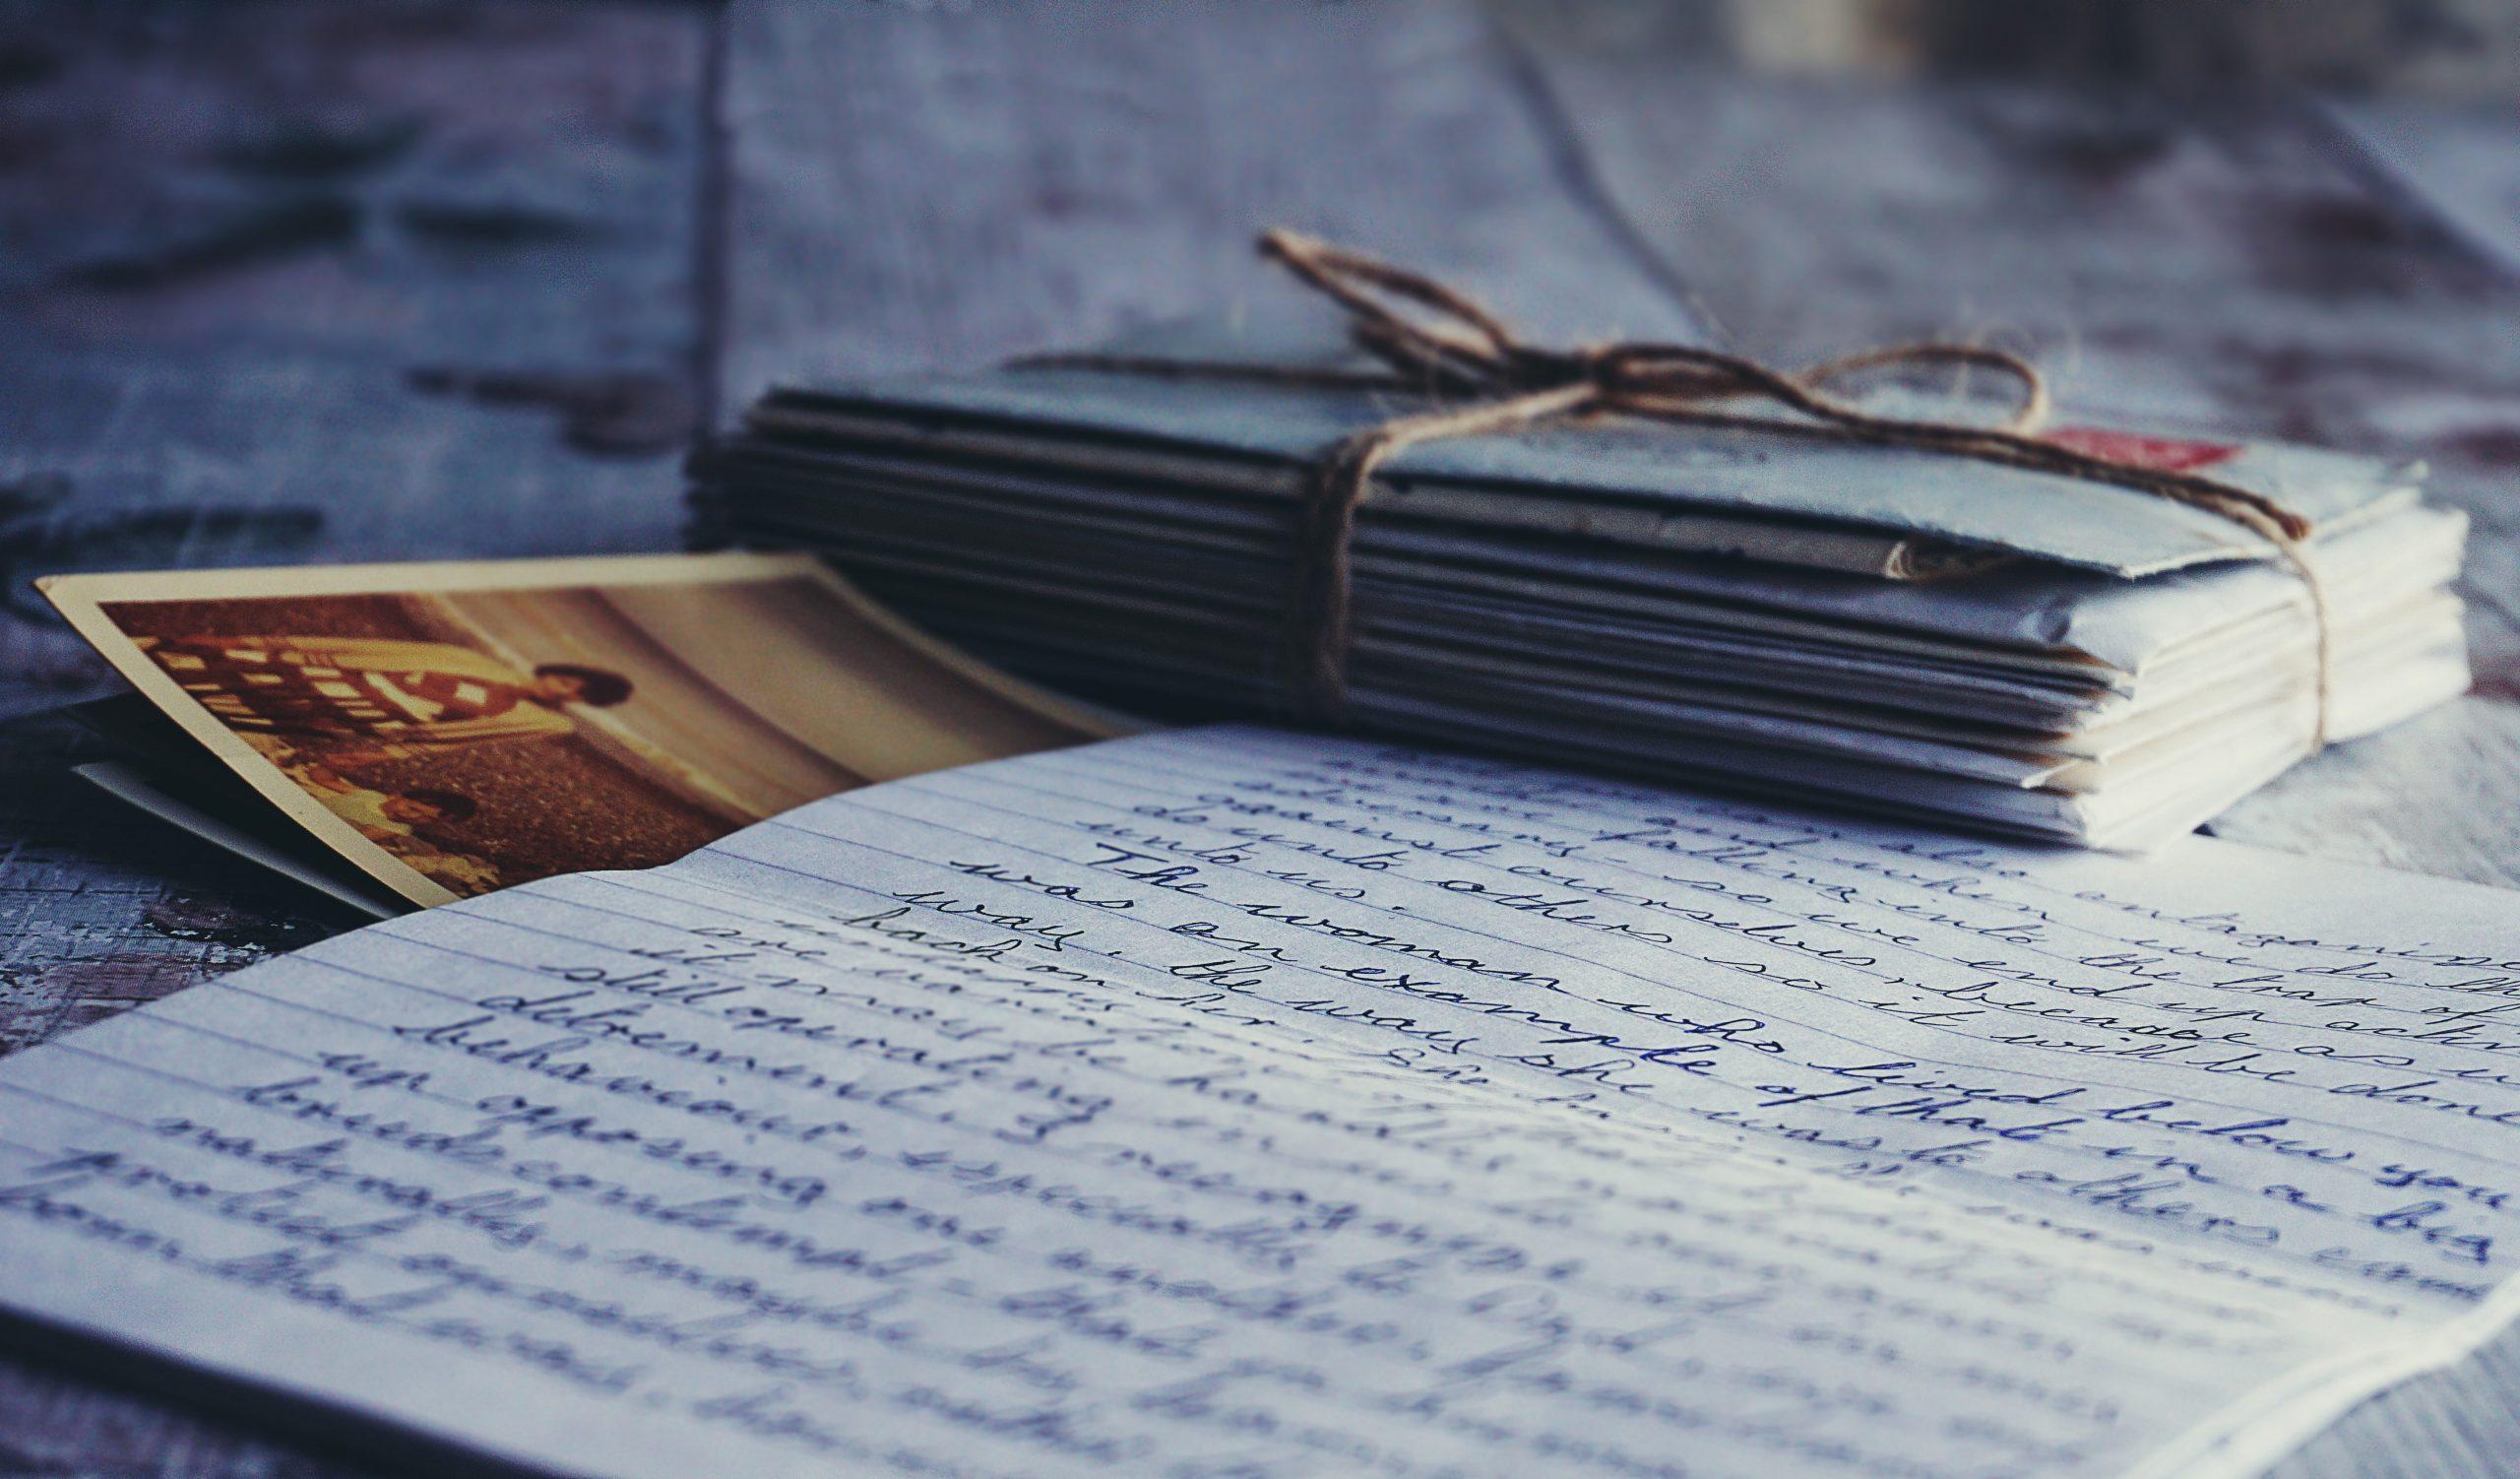 Hướng dẫn cách viết thư cảm ơn trong tiếng Anh đầy đủ nhất